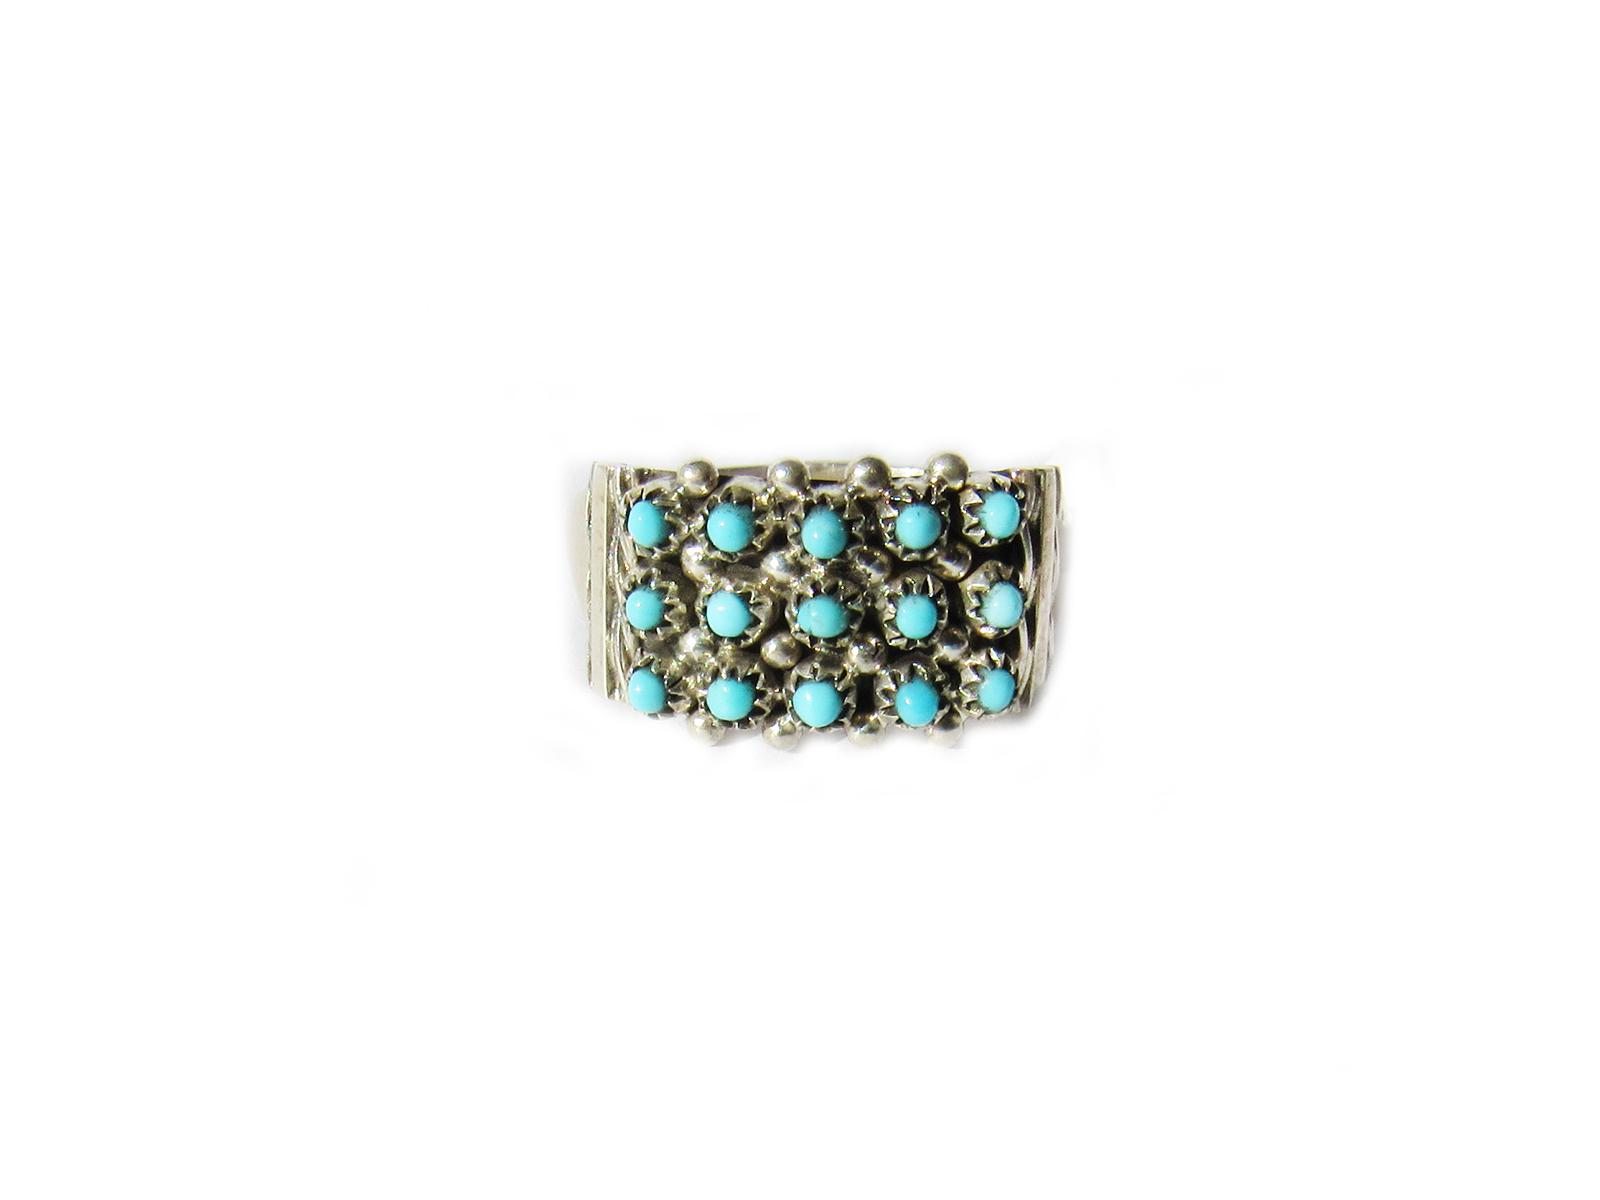 Snake Eye Turquoise Ring